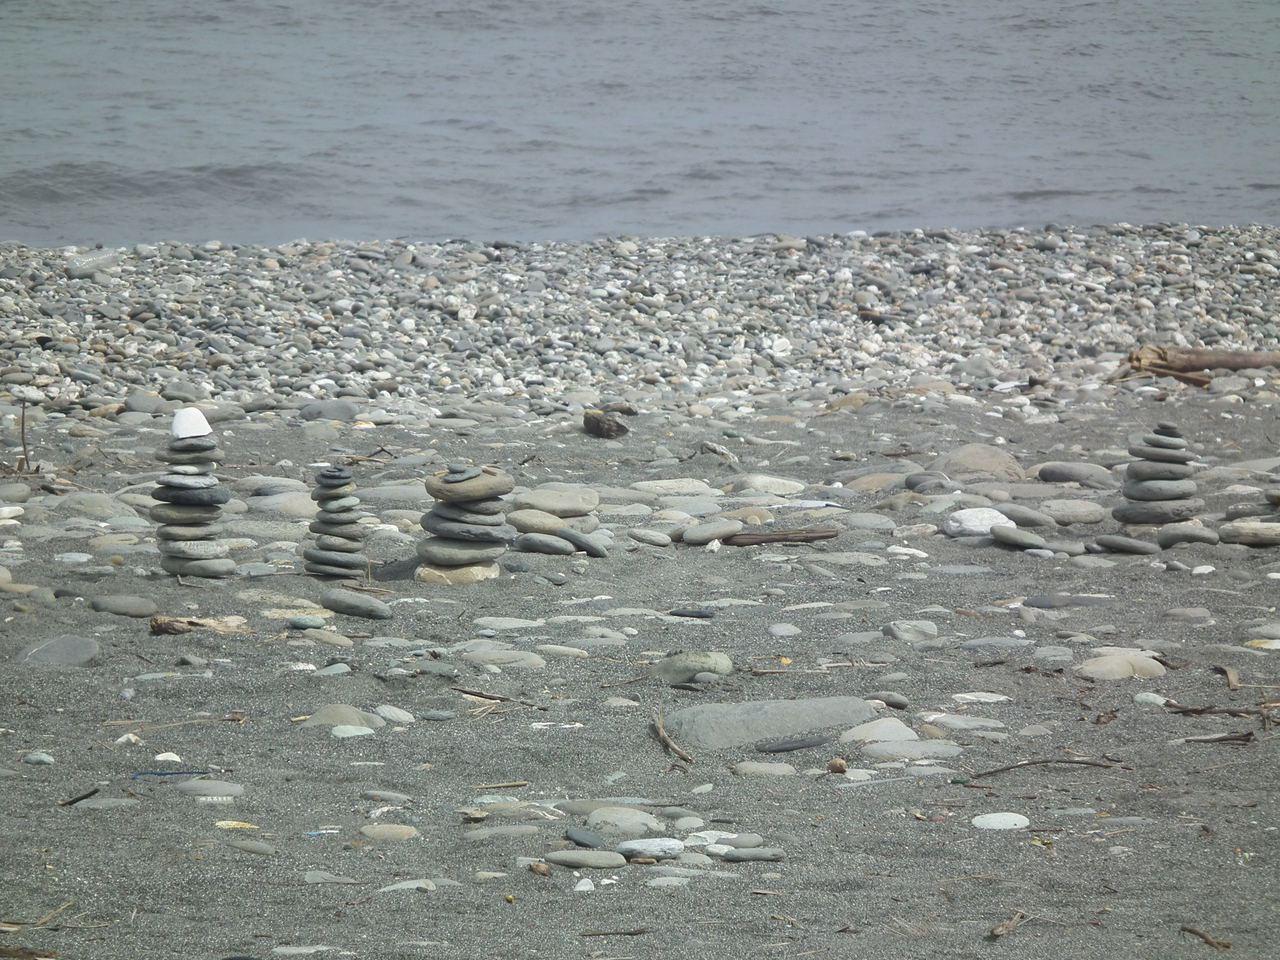 這些石堆陣,小的石堆也有5、6顆堆疊一起,散布在海灘各處。記者尤聰光/攝影